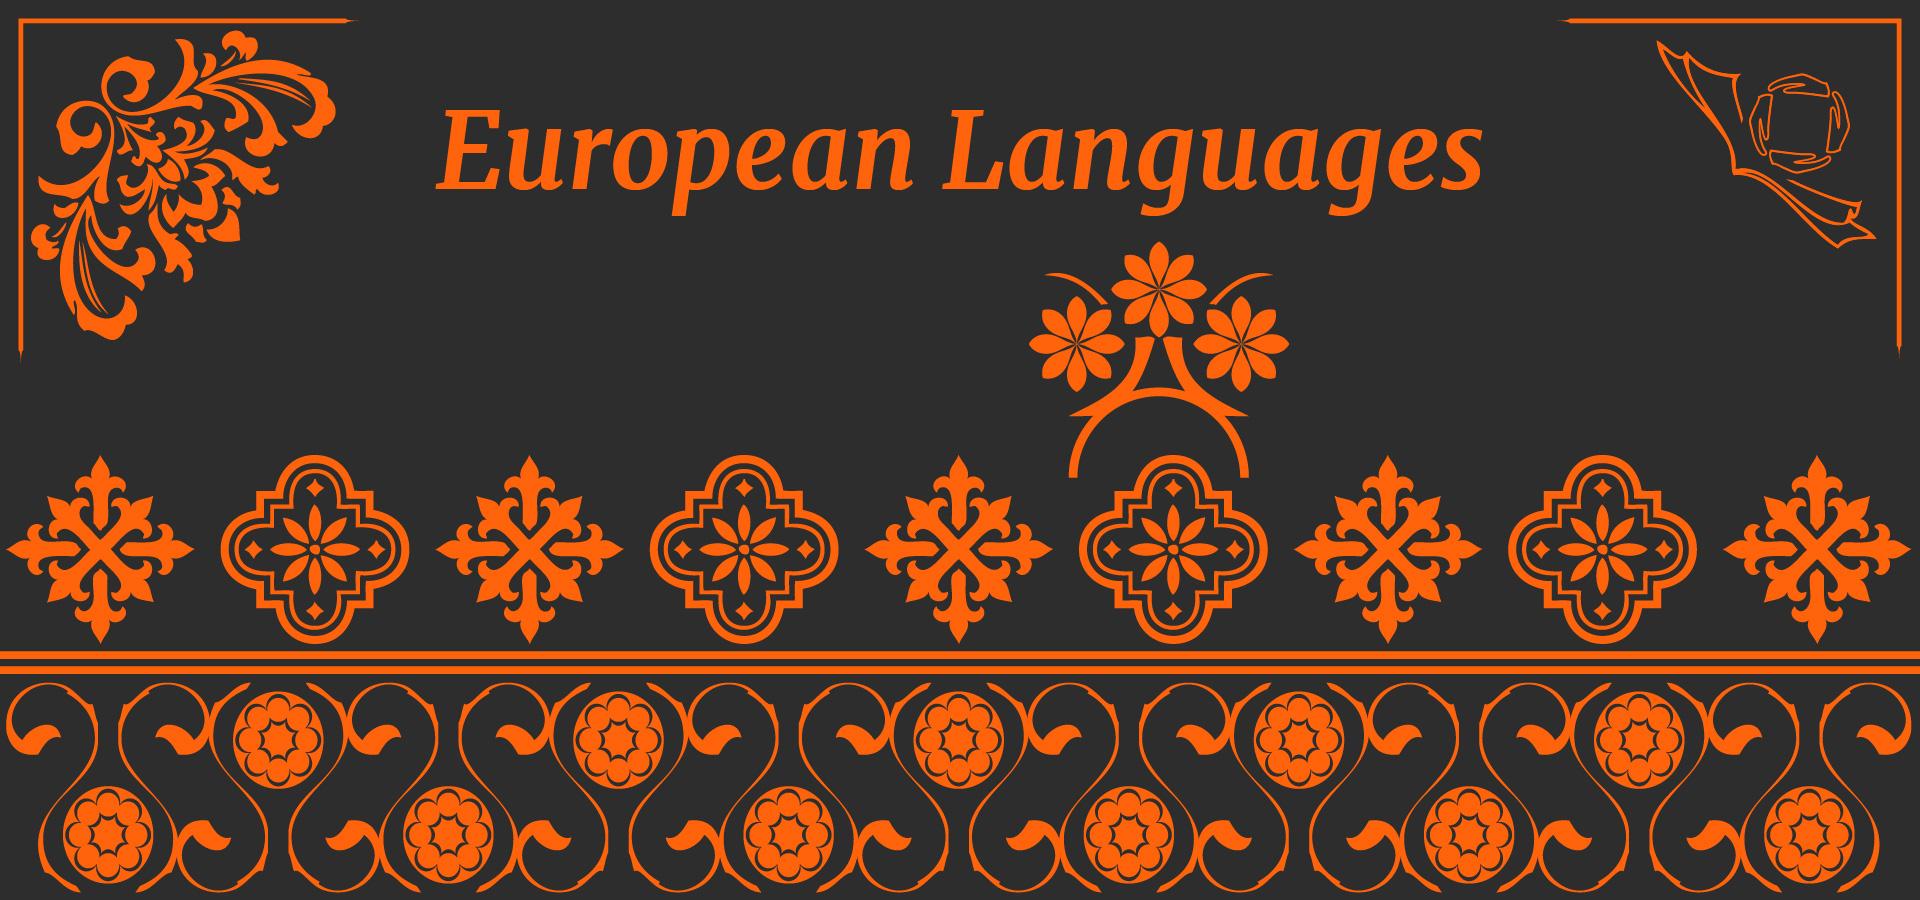 european languages centro alif pisa